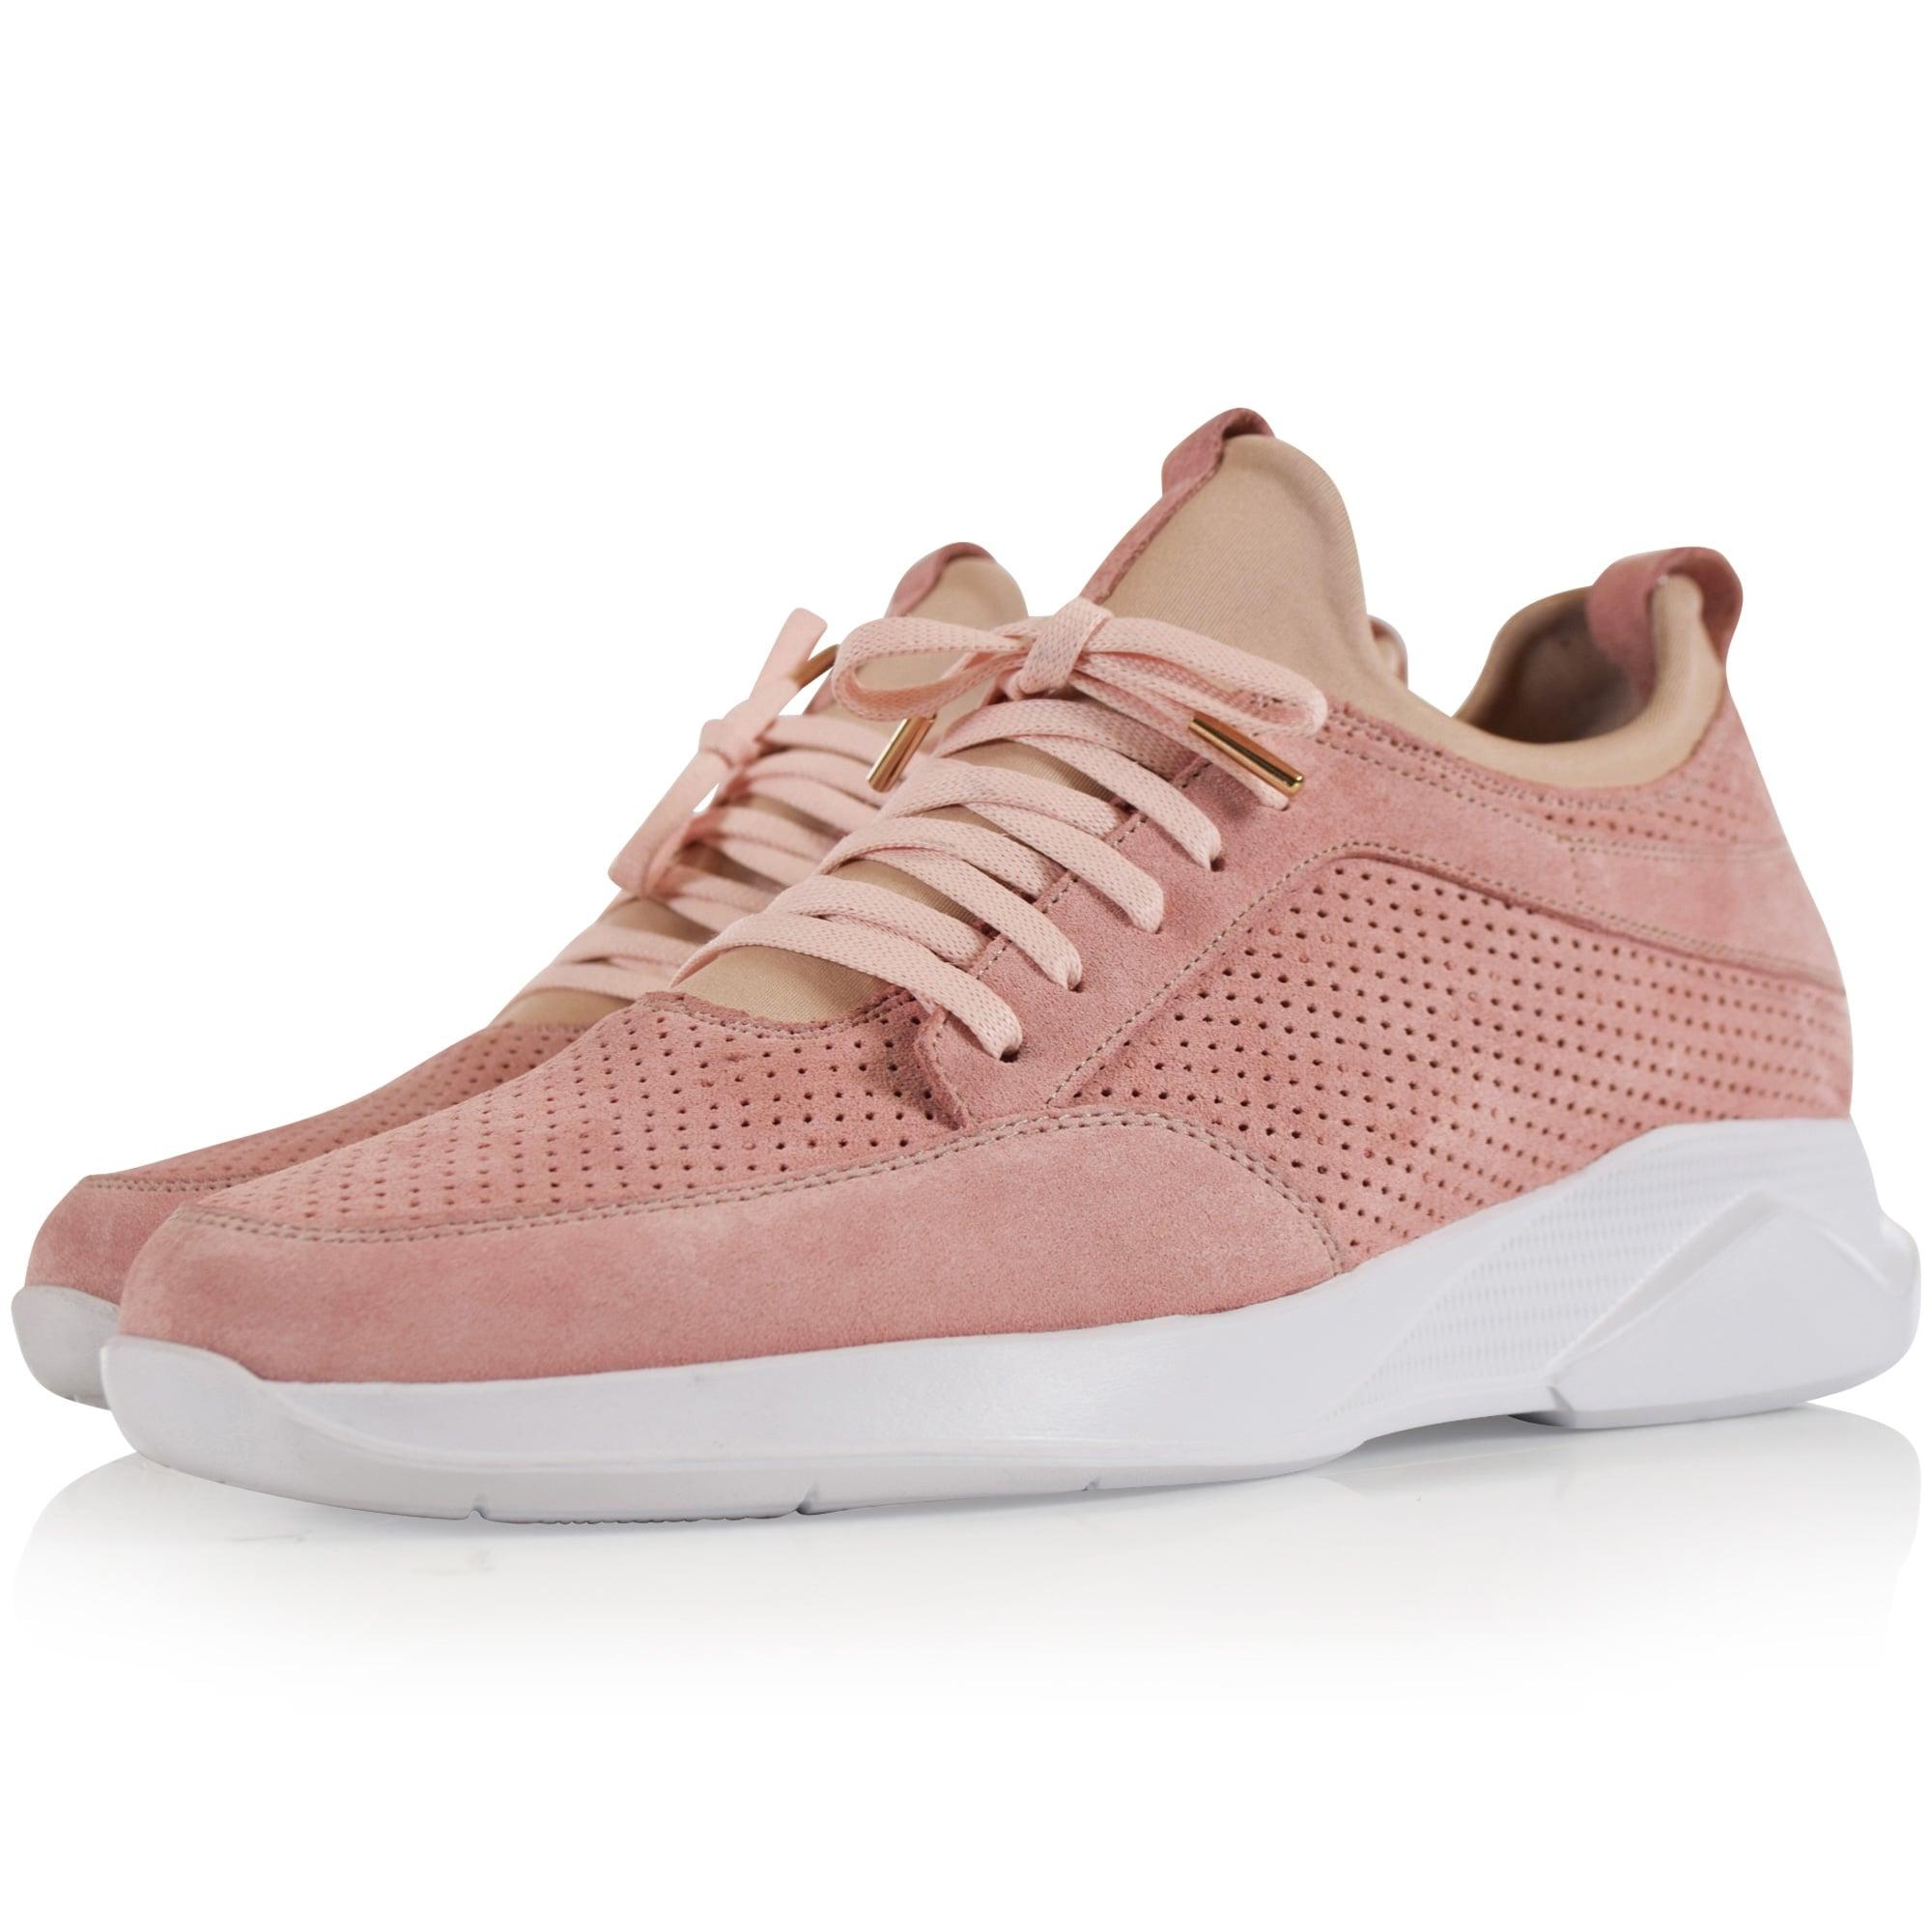 MALLET FOOTWEAR Mallet Footwear Pink